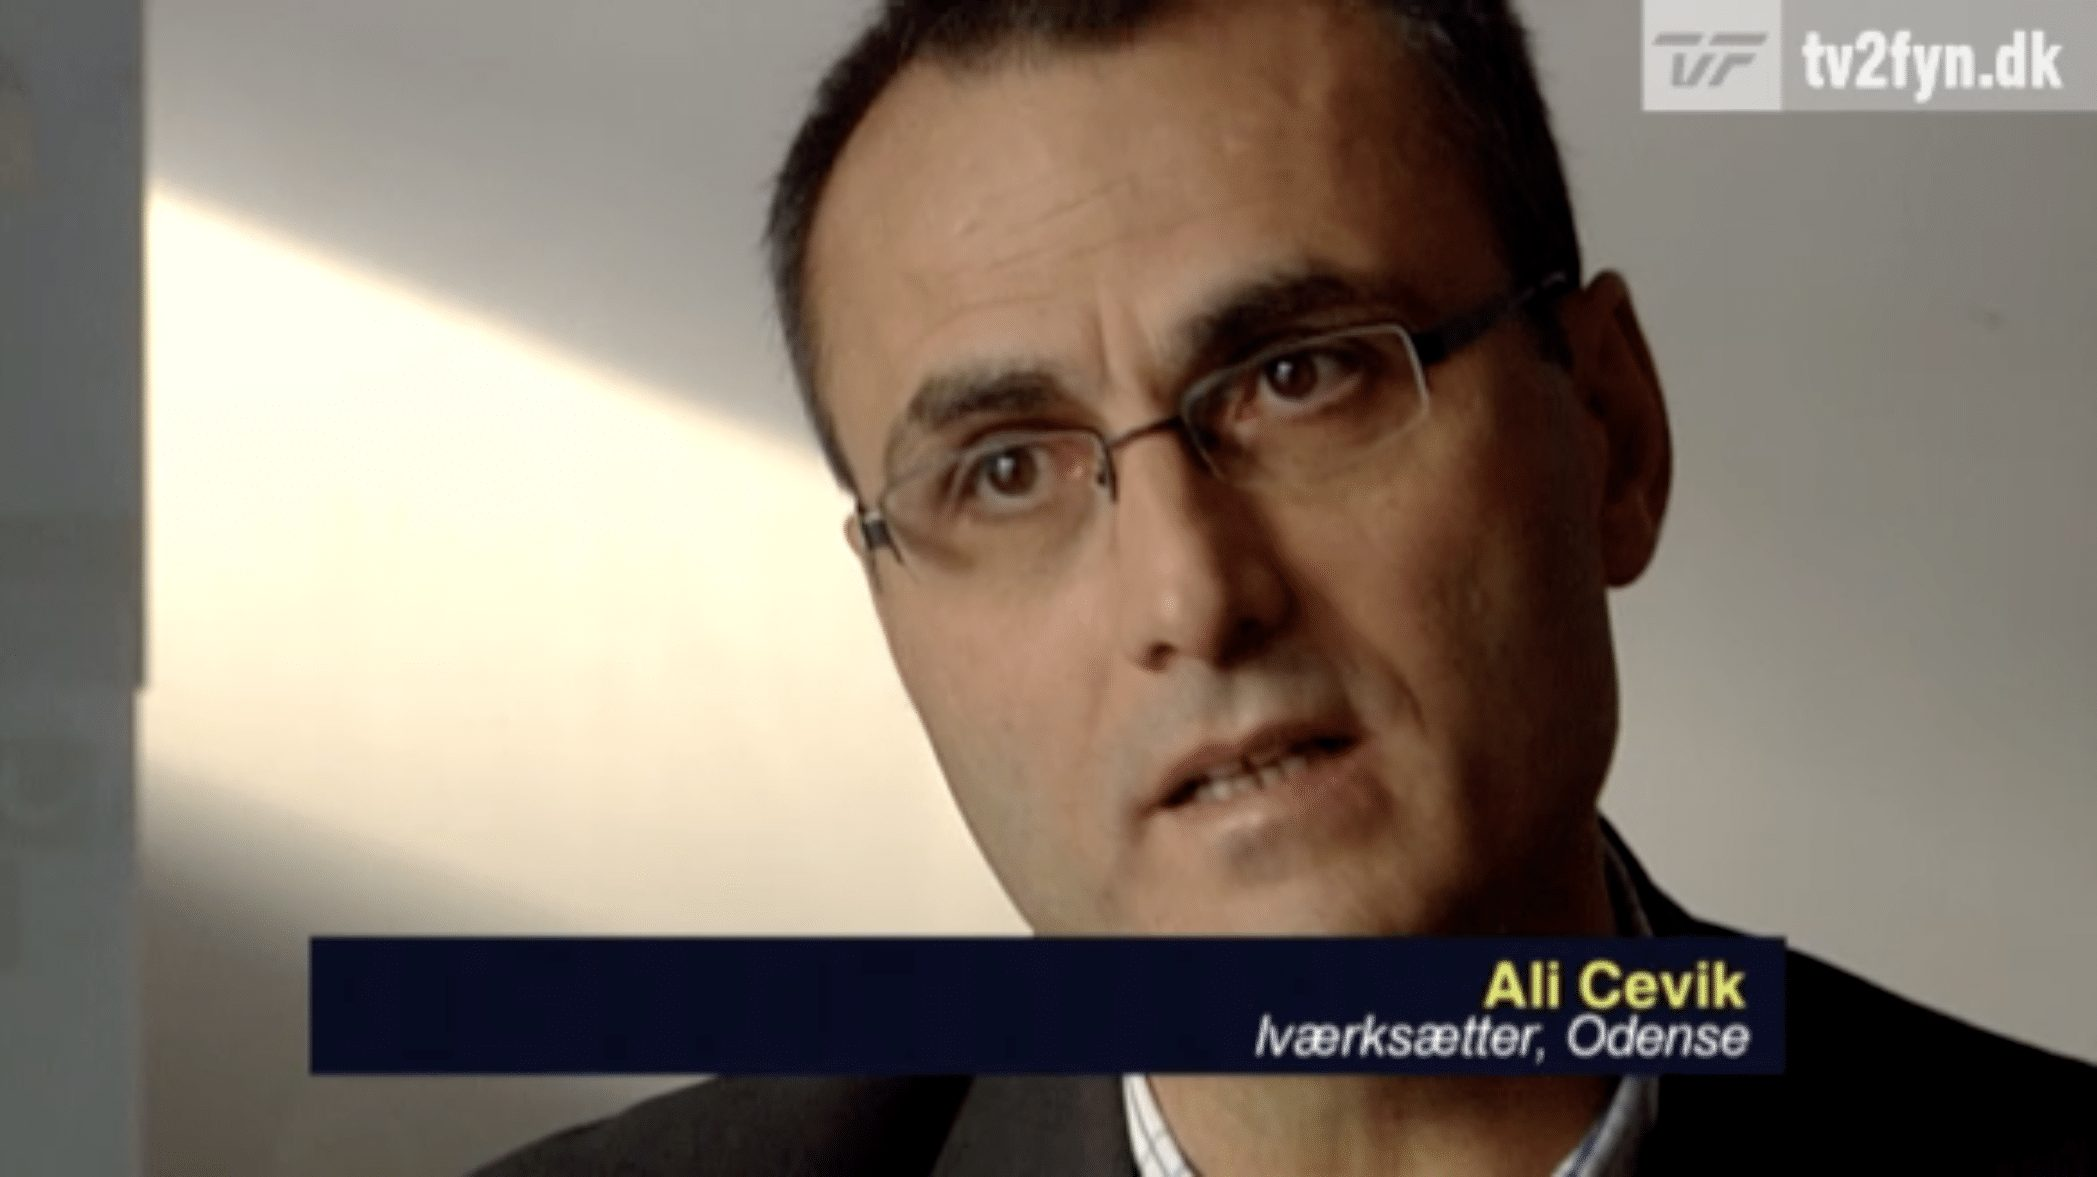 Ali Cevik om online jobsamtale